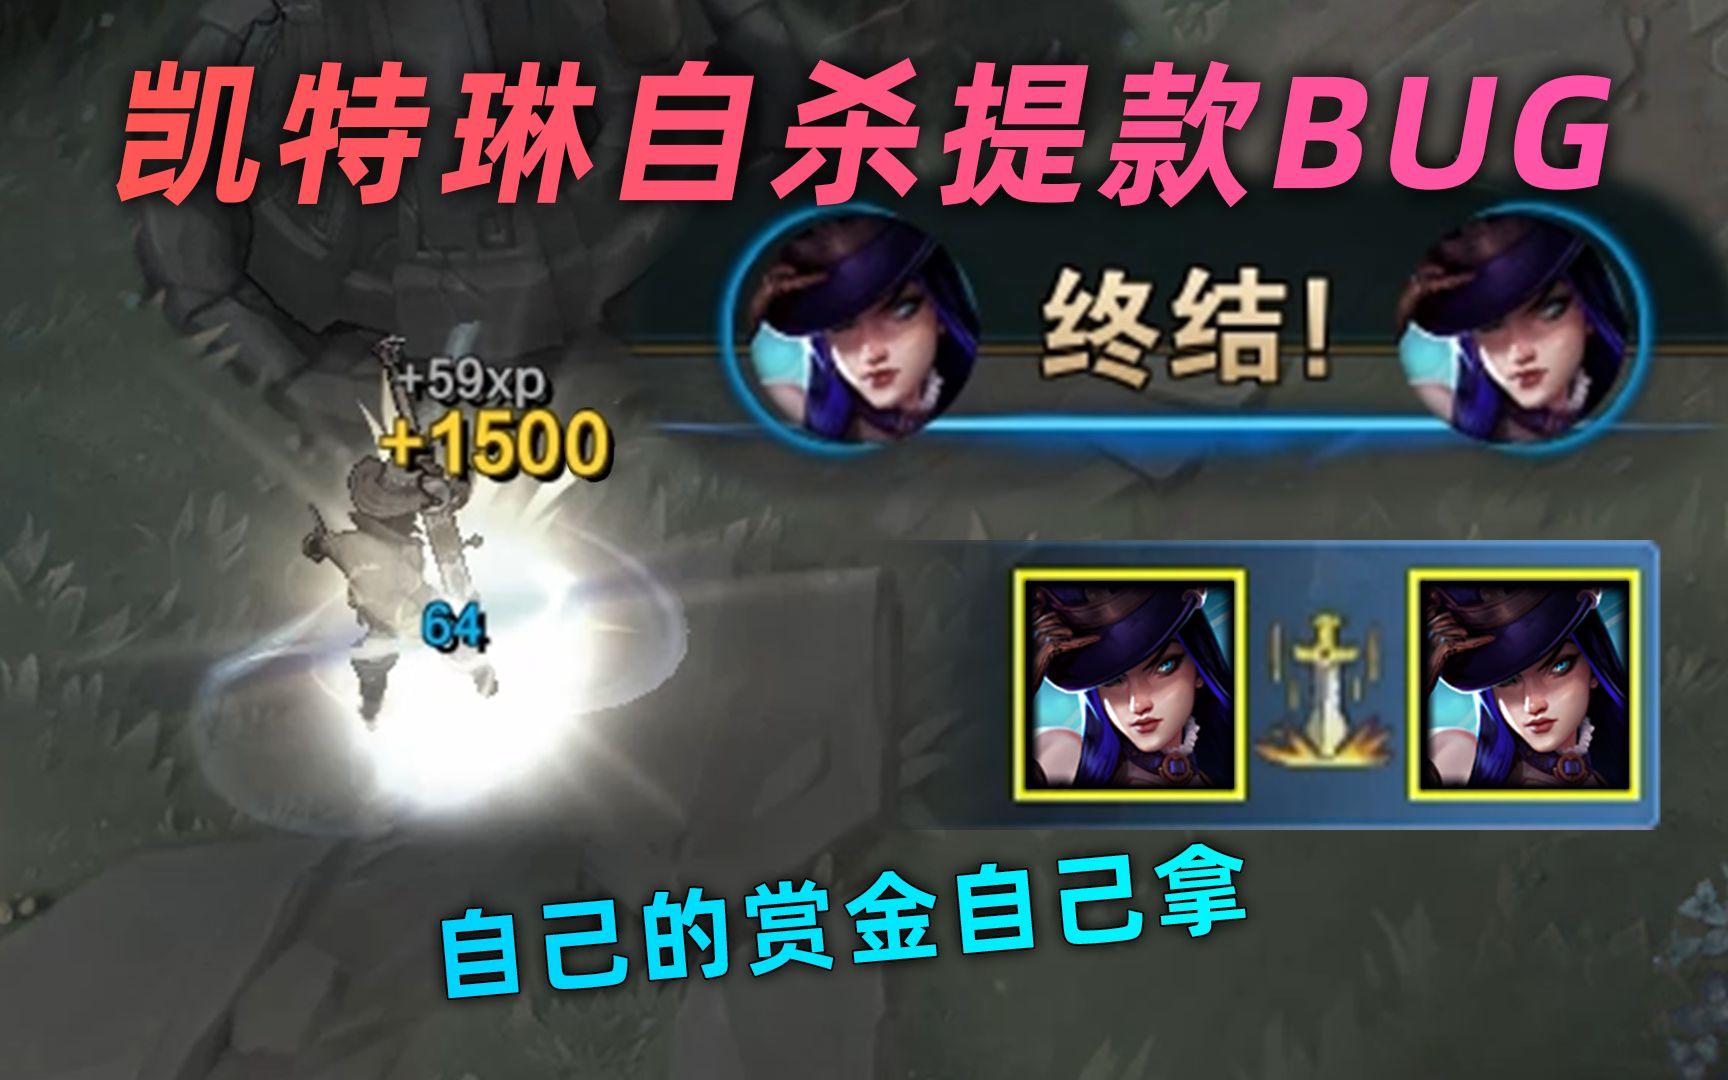 【已修復】女警槍斃自己BUG:終結自己還能拿到賞金!真·我殺我自己